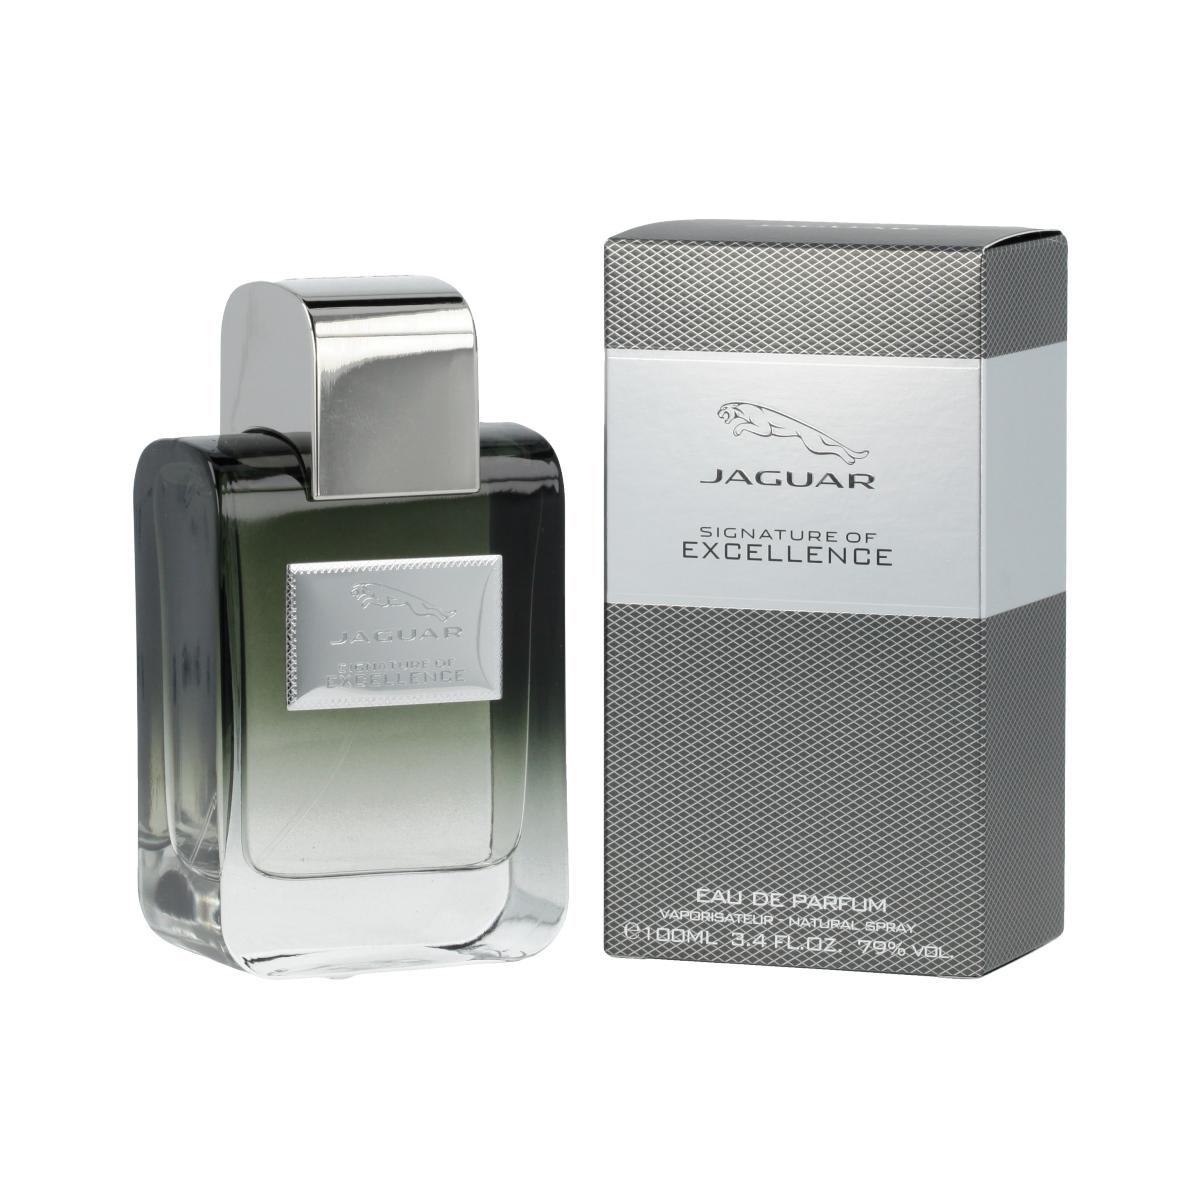 Jaguar Signature of Excellence Eau De Parfum 100 ml (man) 12936